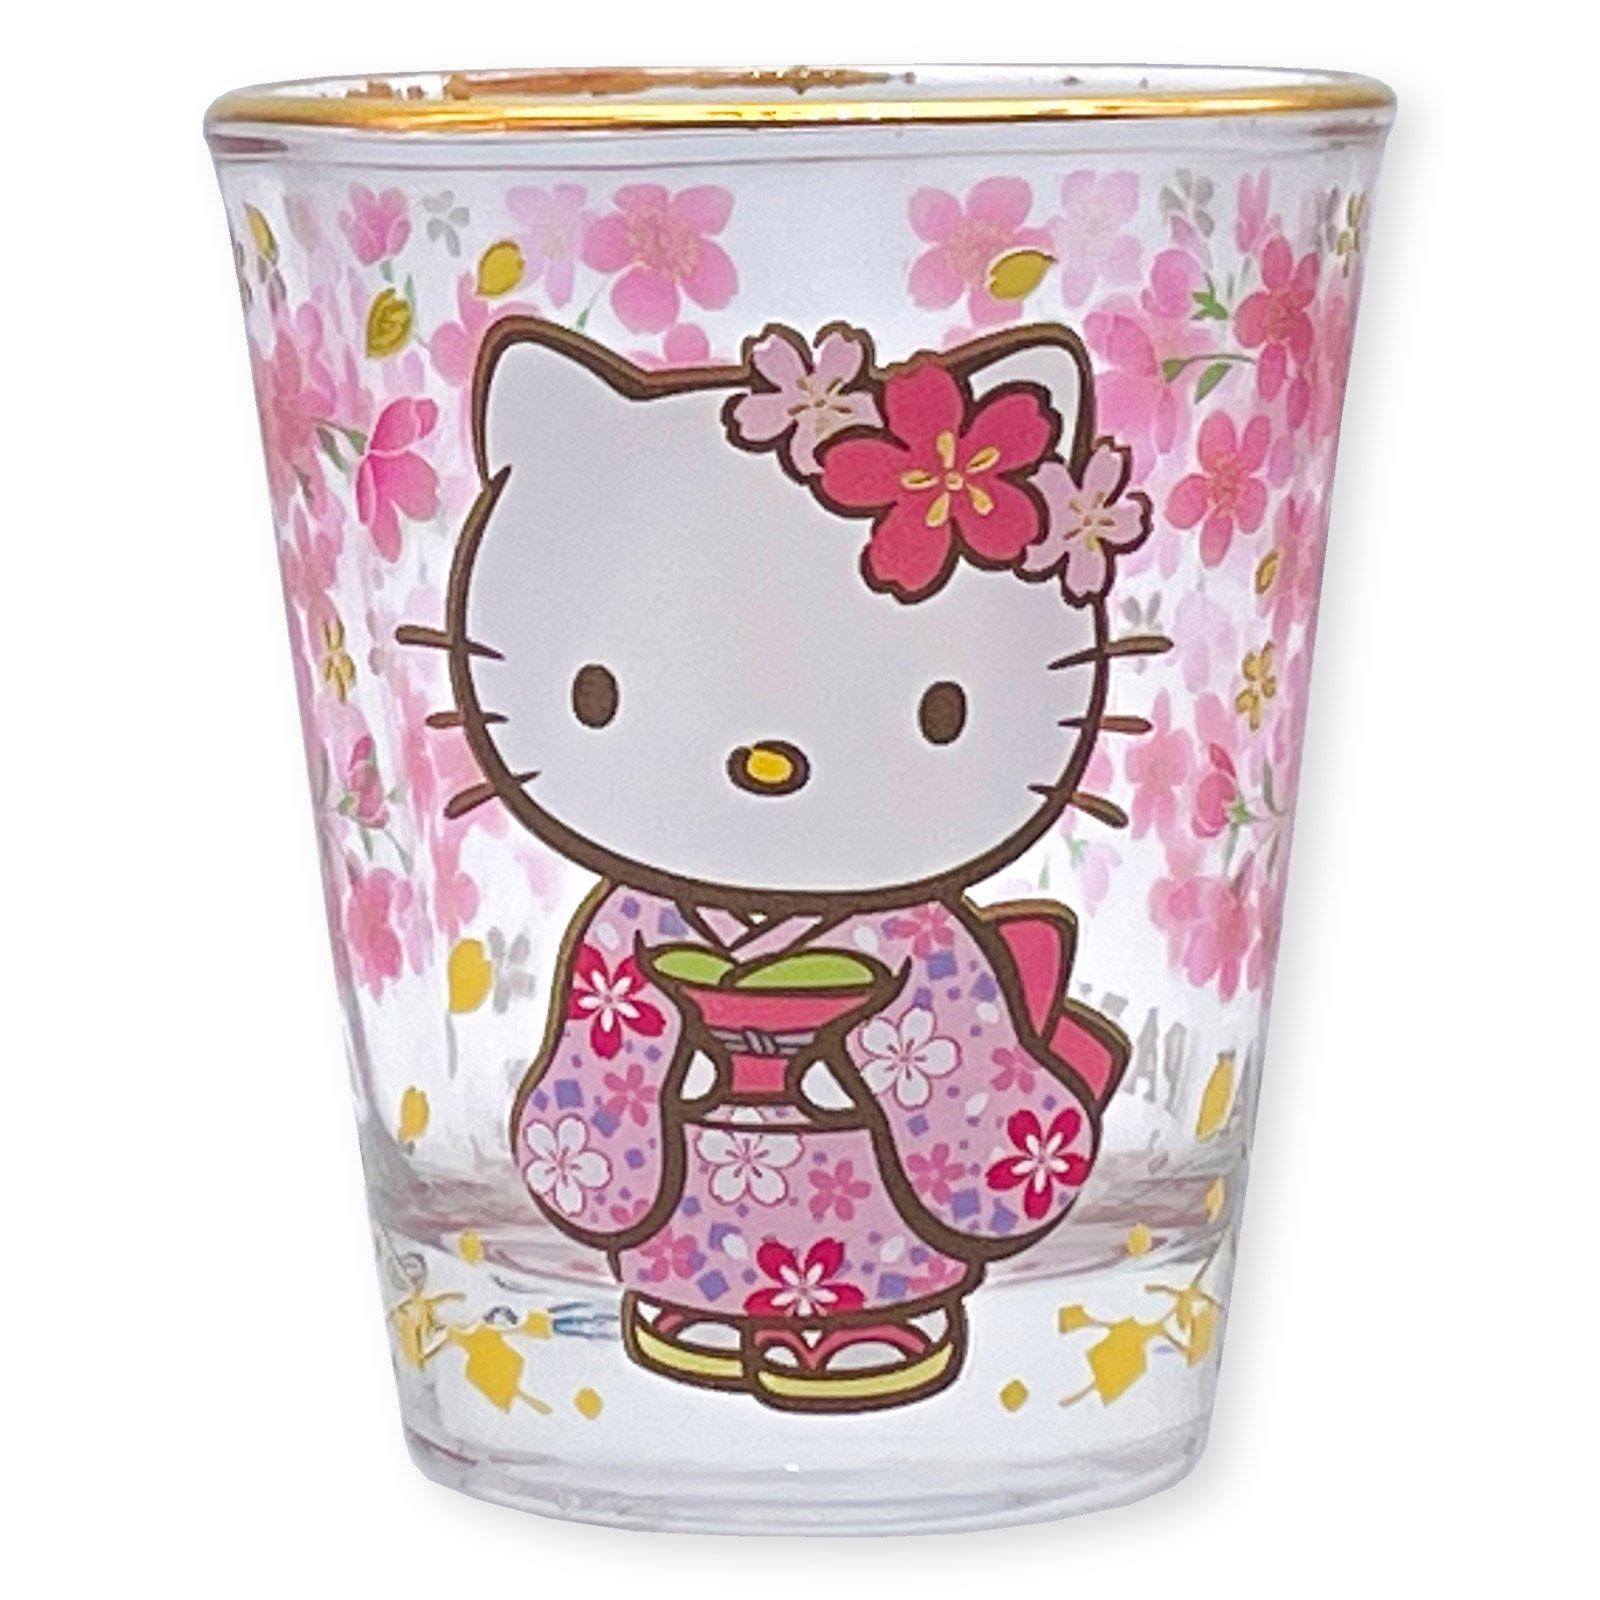 ハローキティショットグラス・和桜